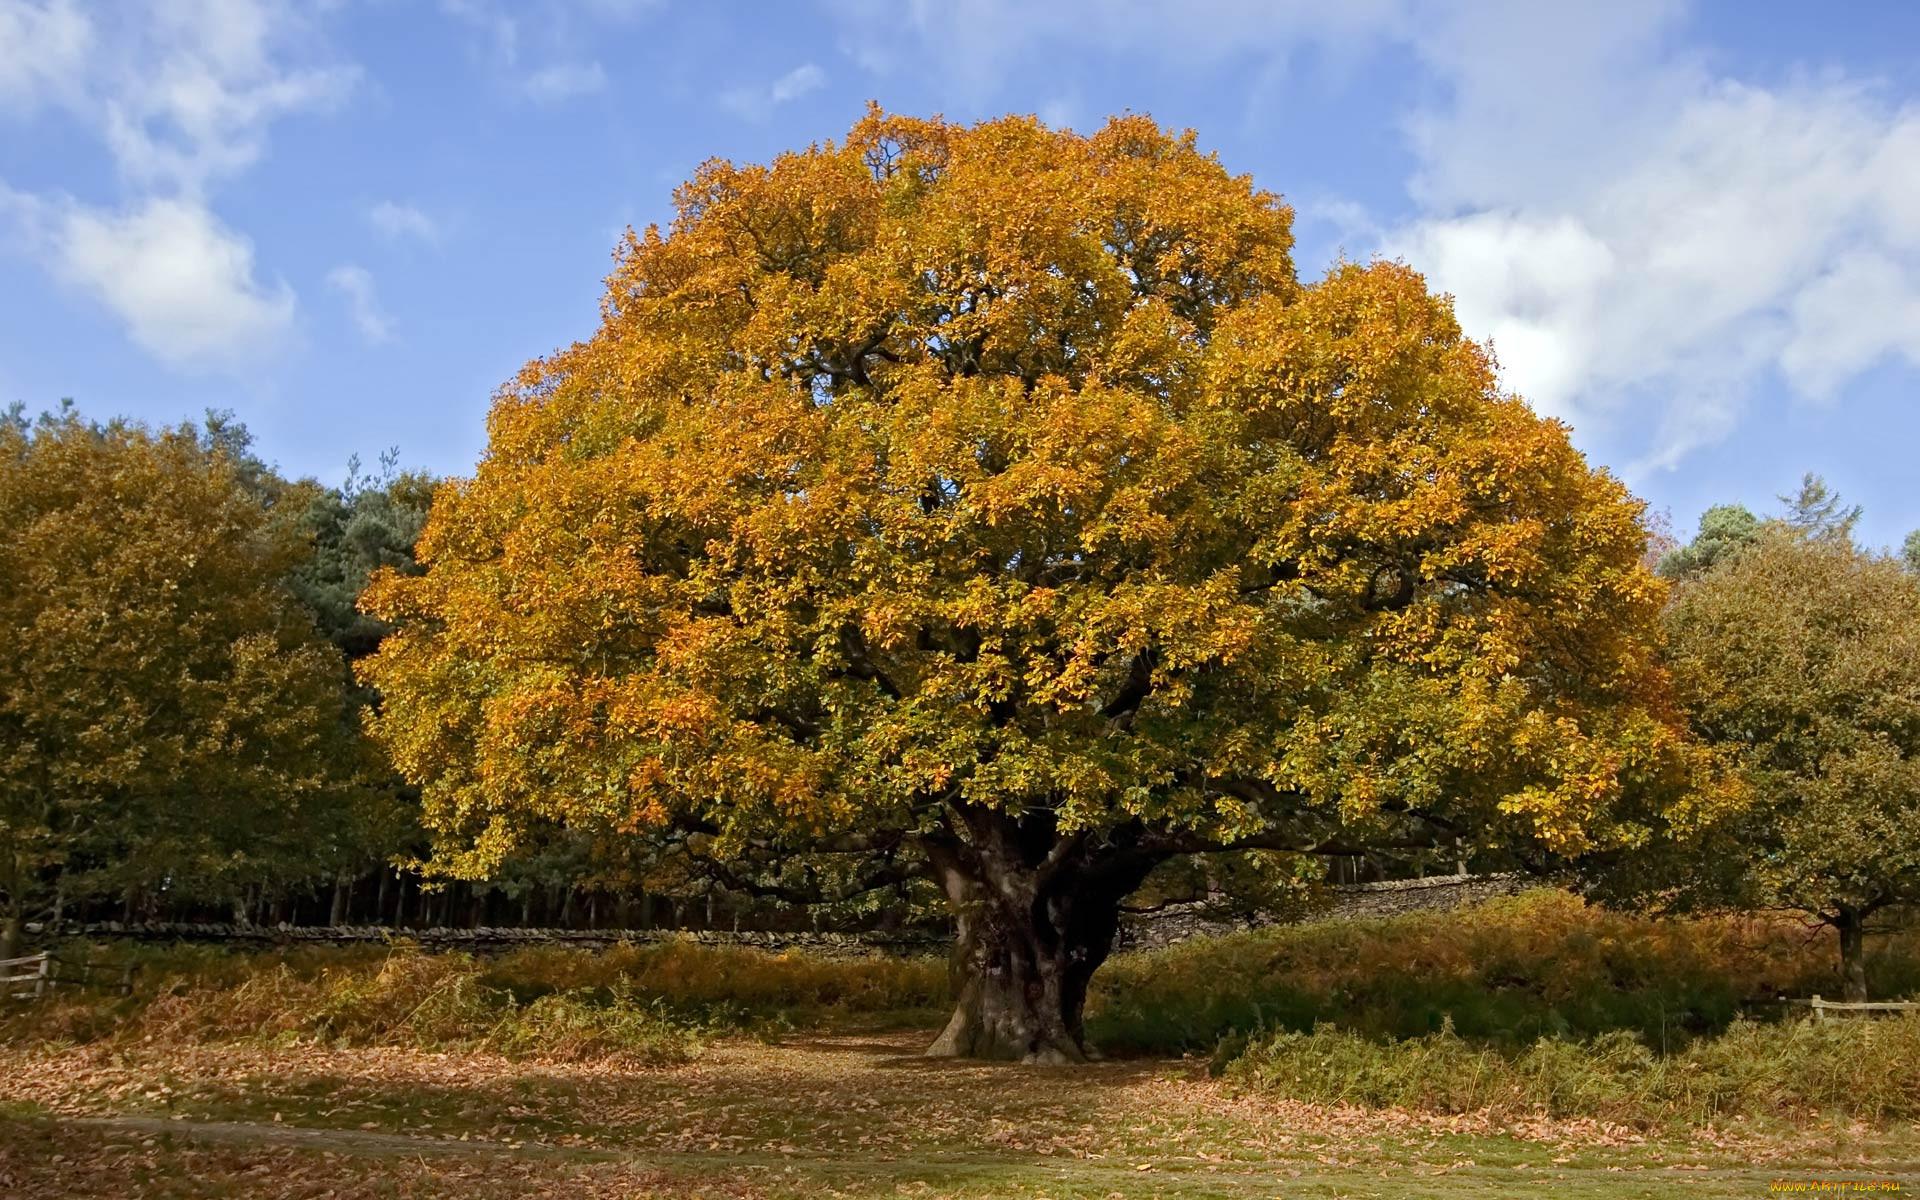 фото дерева типа дуб певец